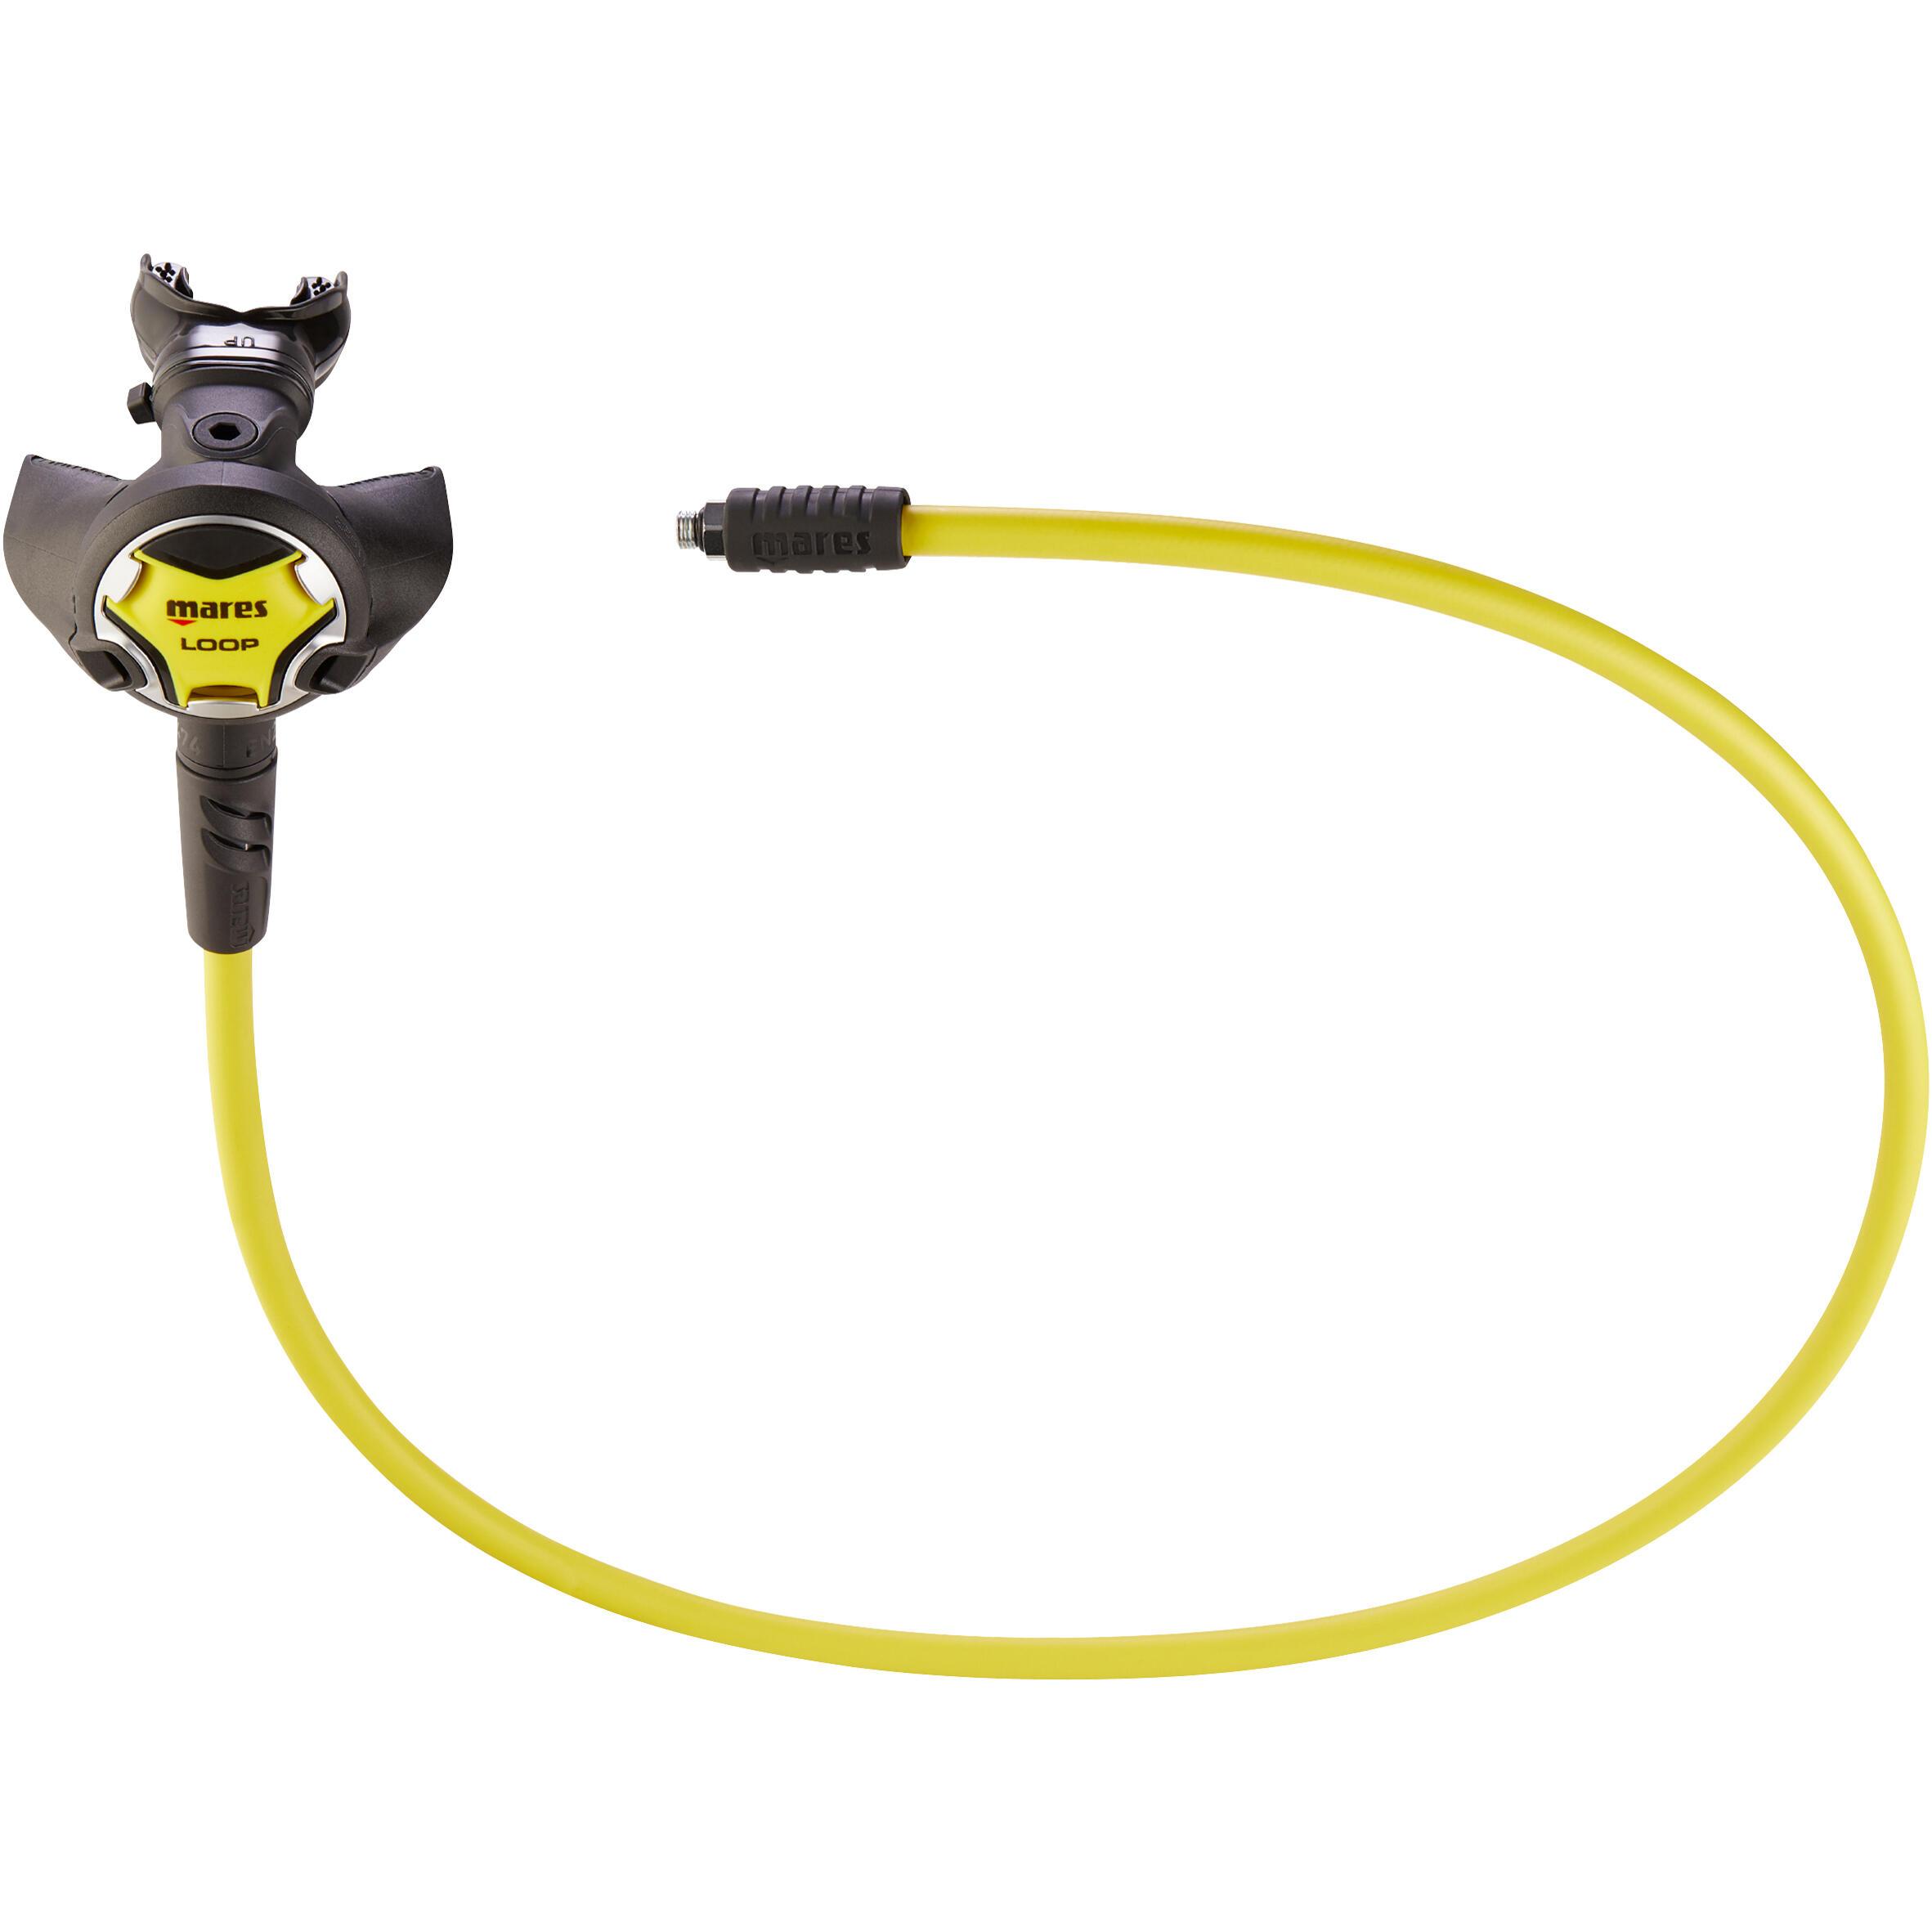 Oktopus Loop Gerätetauchen Kaltwasser   Accessoires > Schals & Tücher   Gelb - Schwarz   Mares